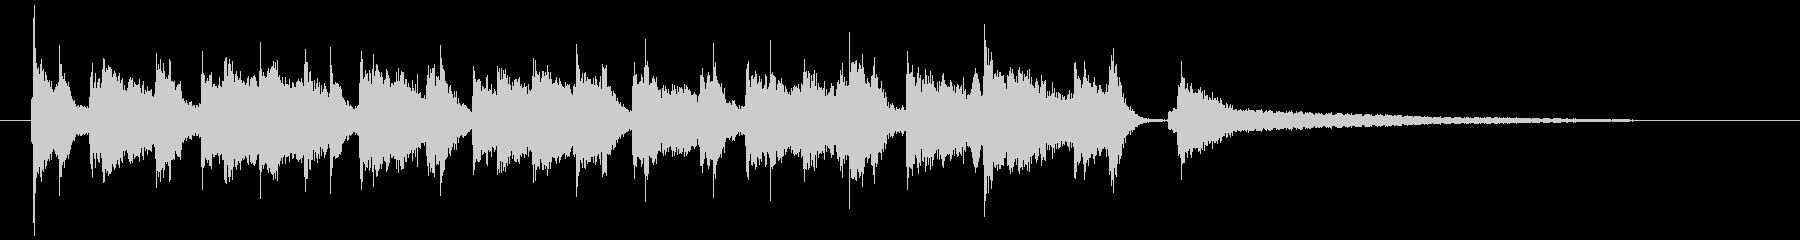 ラジオから流れる『とある日常』ピアノの未再生の波形